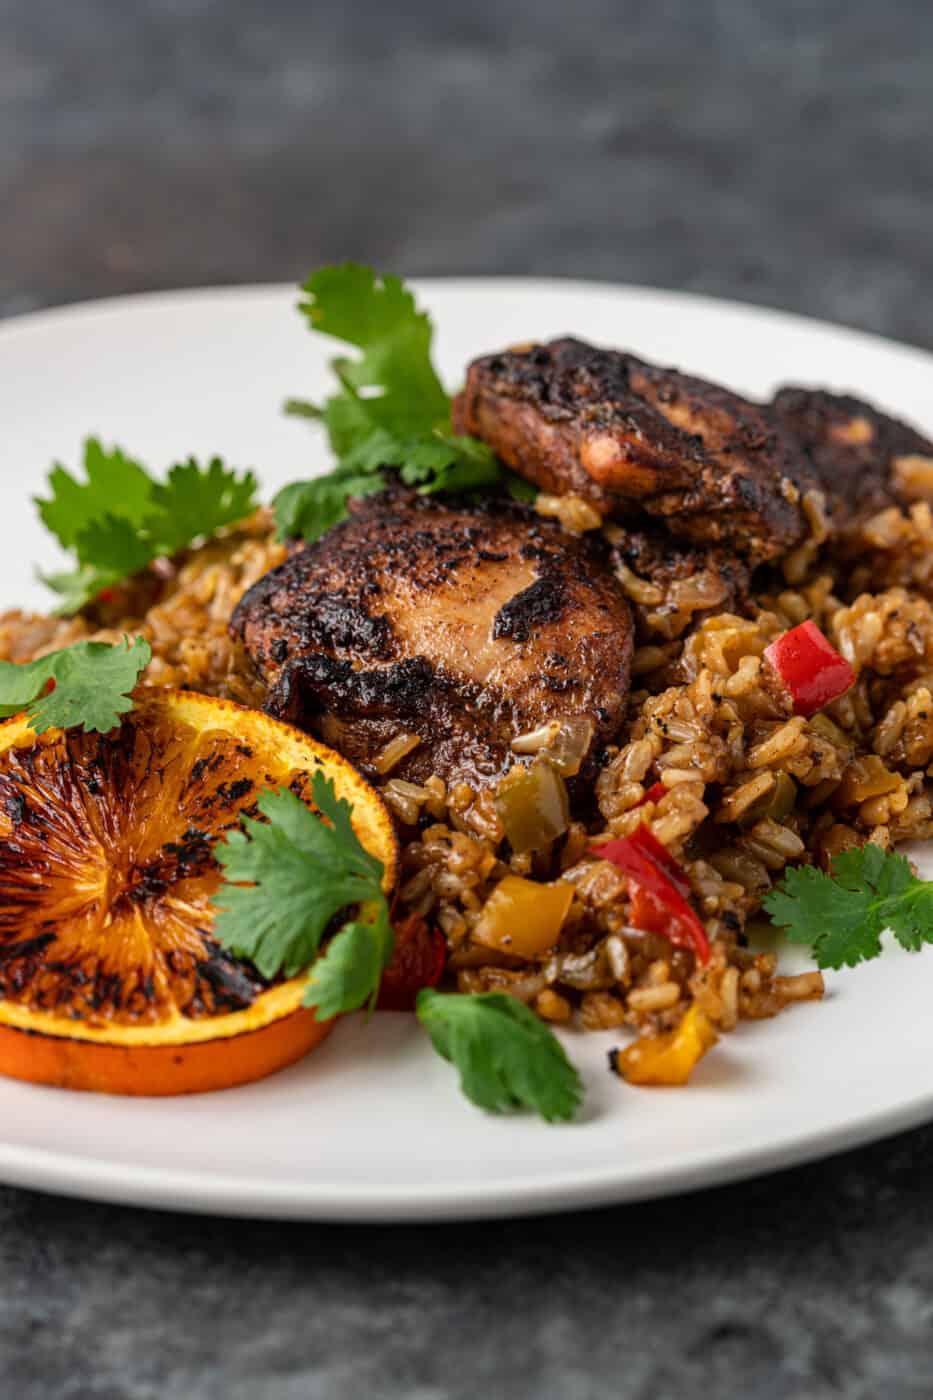 Jamaican chicken dinner on white plate